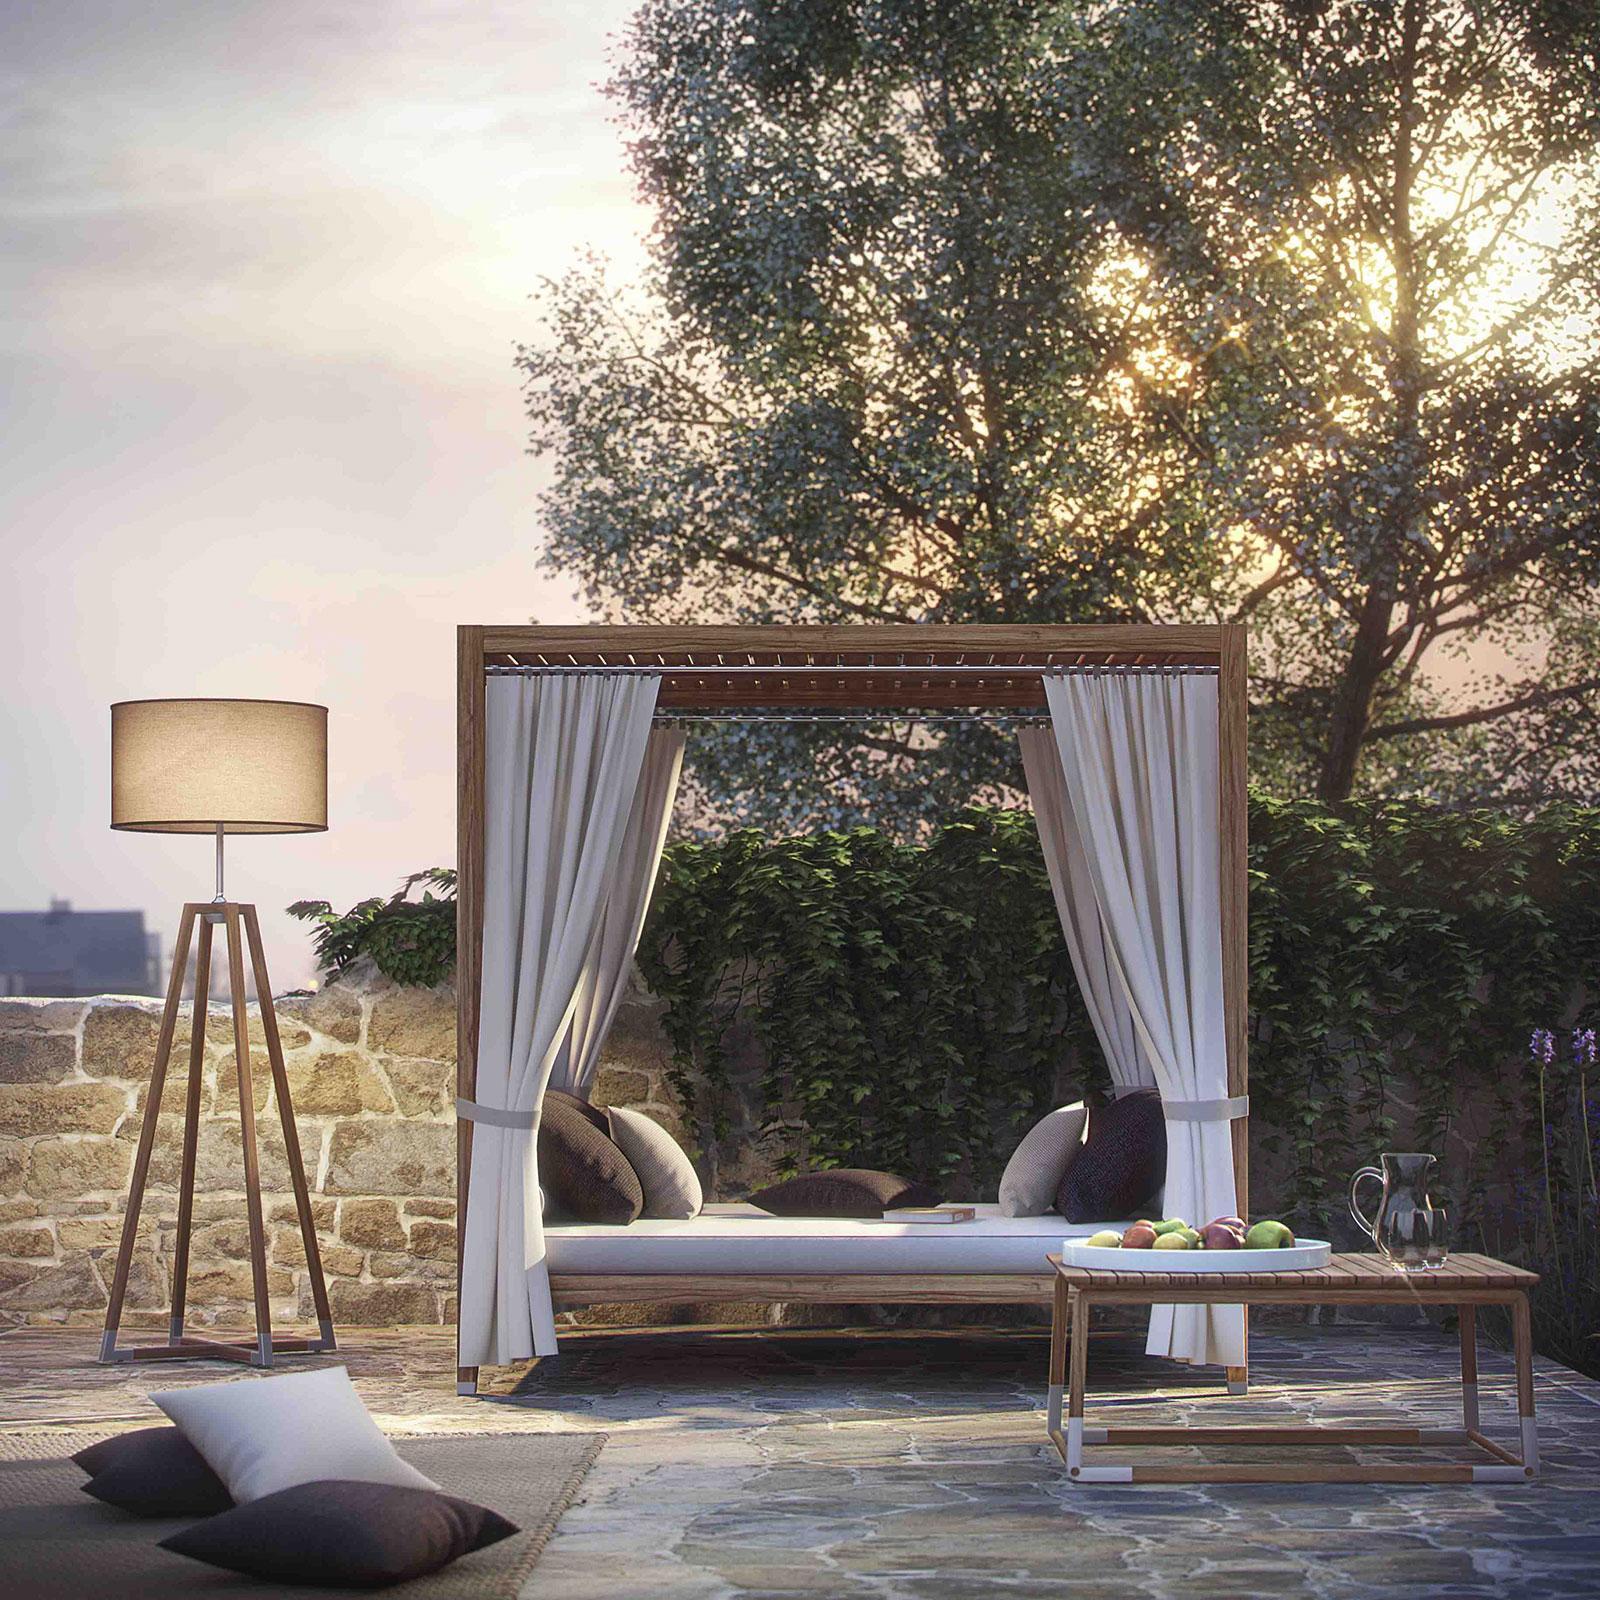 Day bed da esterno in teak. Completo di cuscini decorativi e tendaggi. Baldacchino di grandi dimensioni. Arredamento da giardino in consegna gratuita.